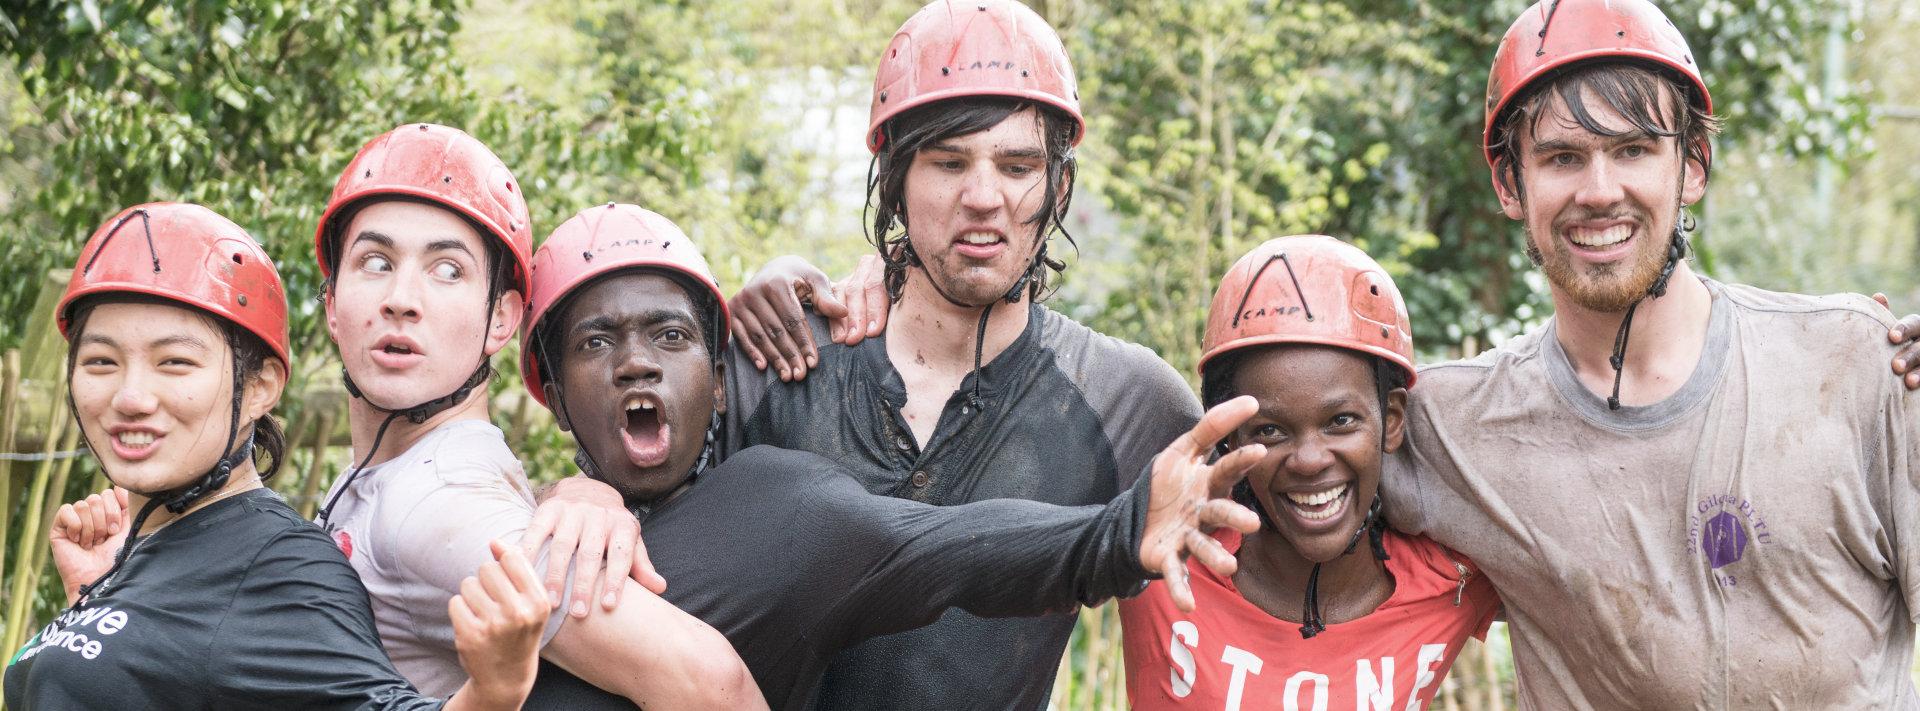 muddy-explorers